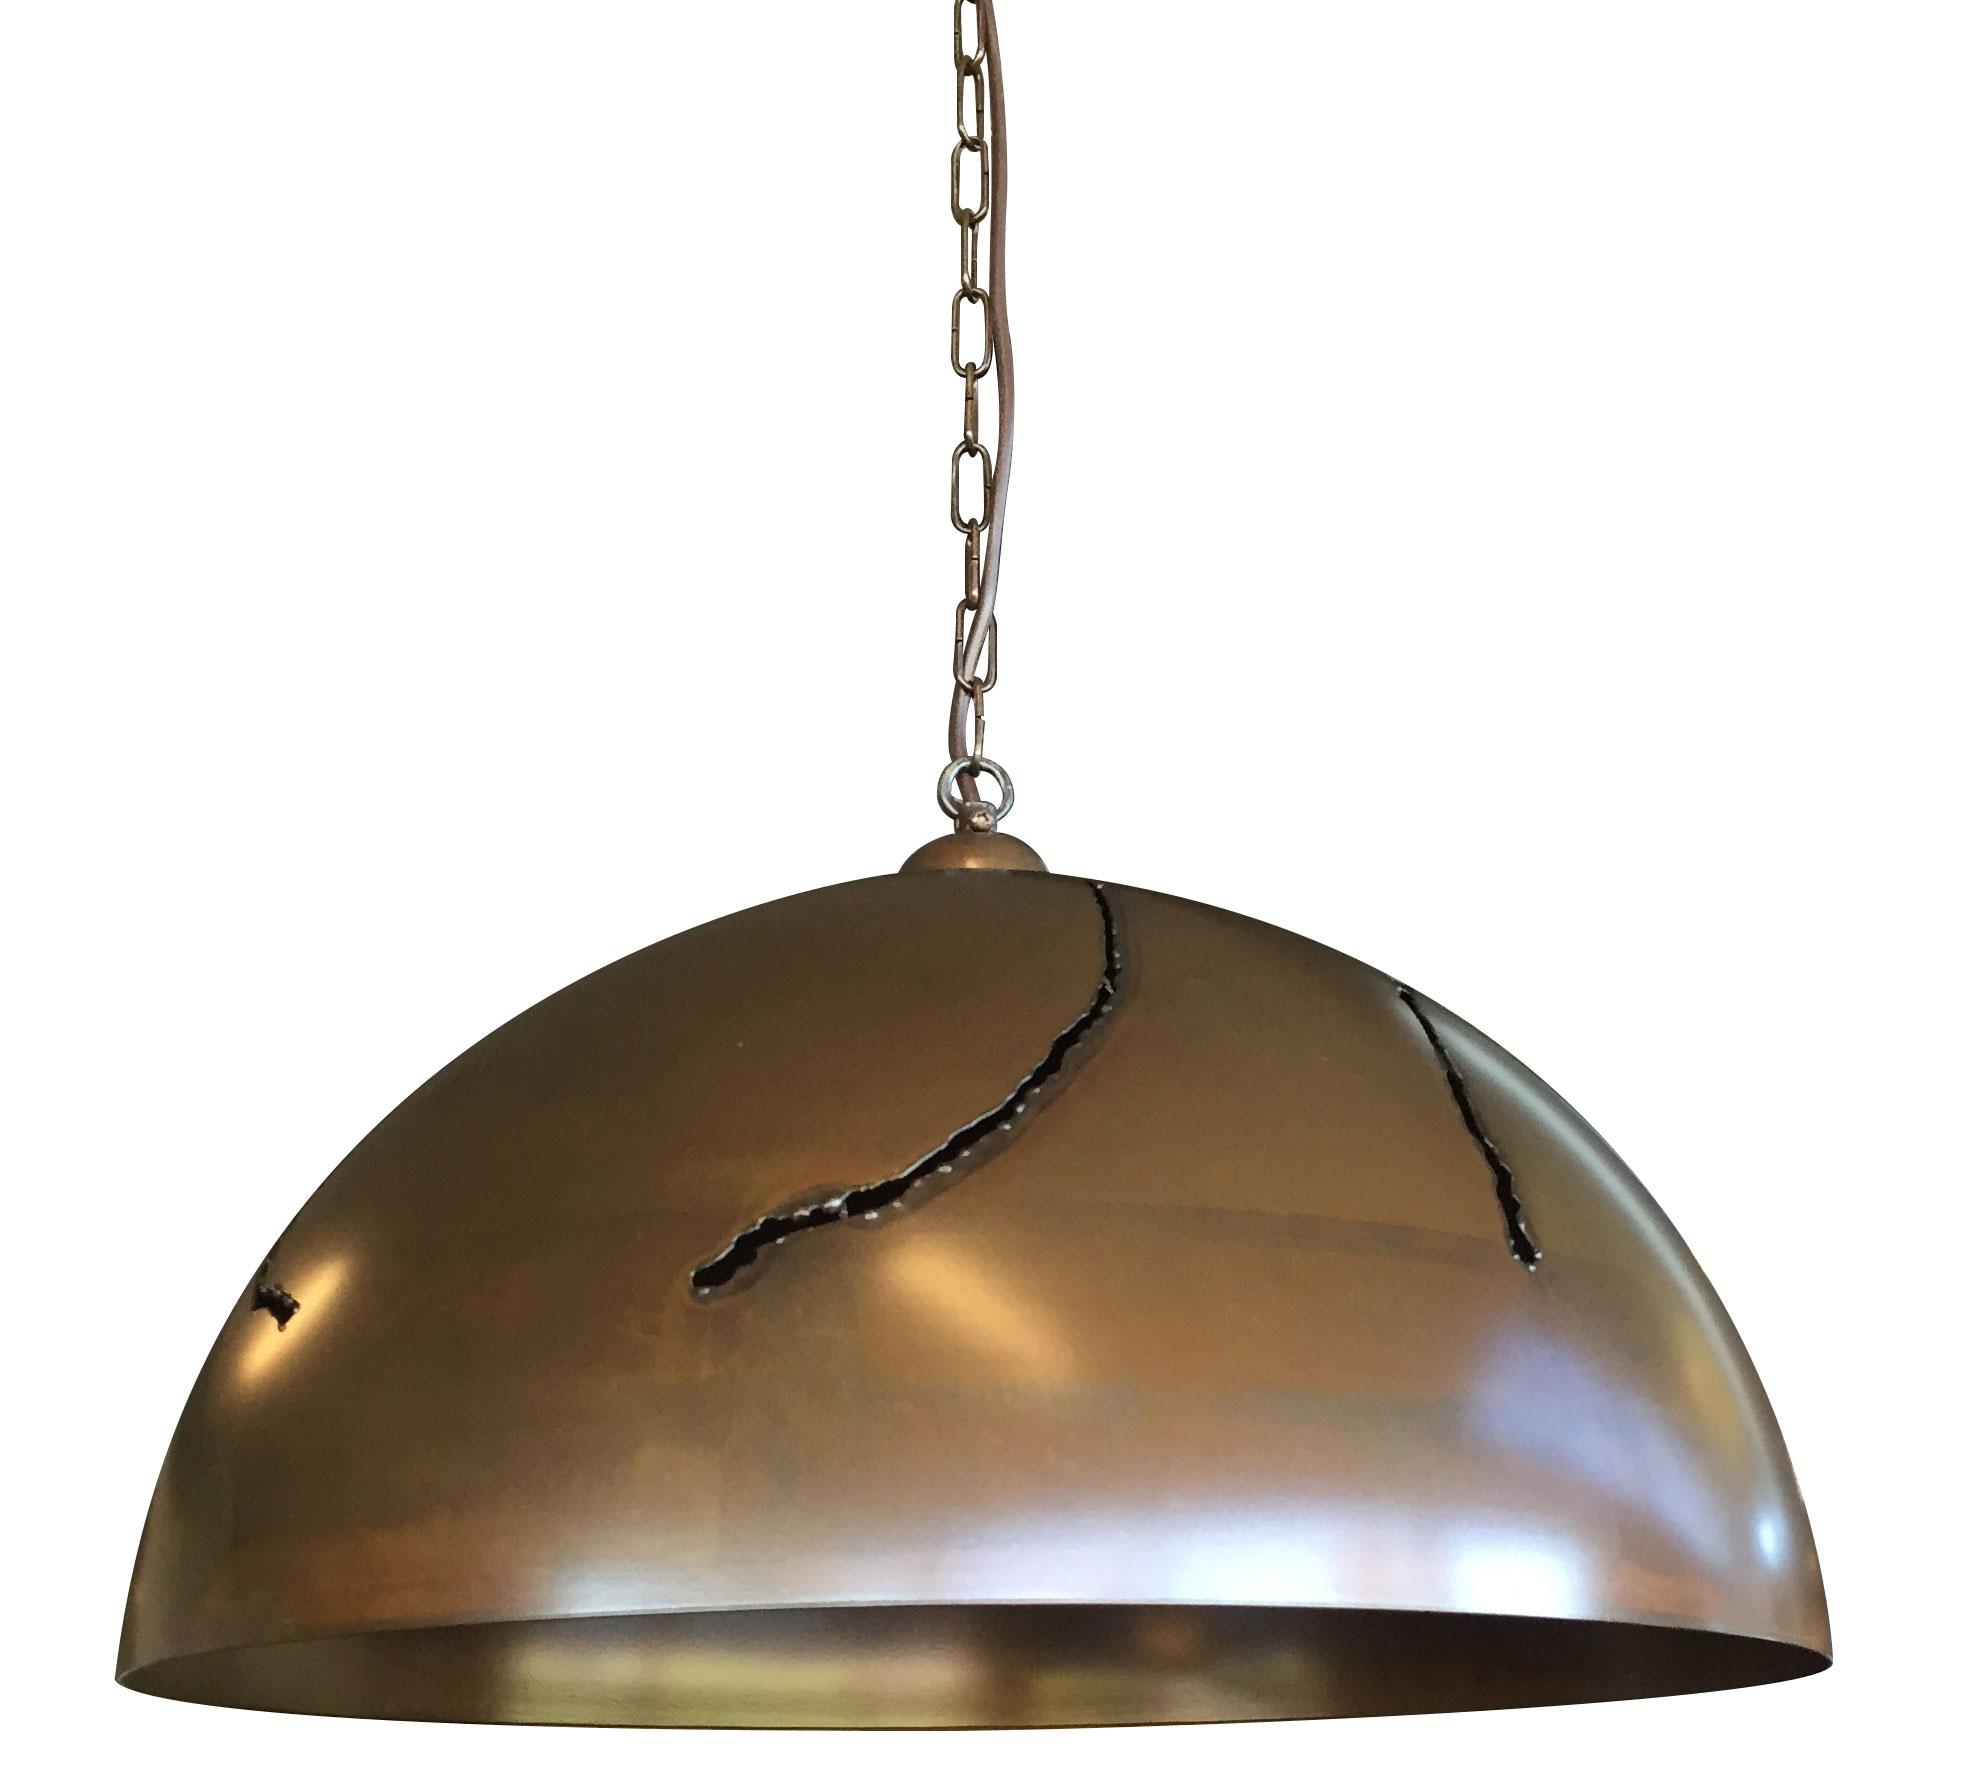 lamp 1 - Lamp Barst